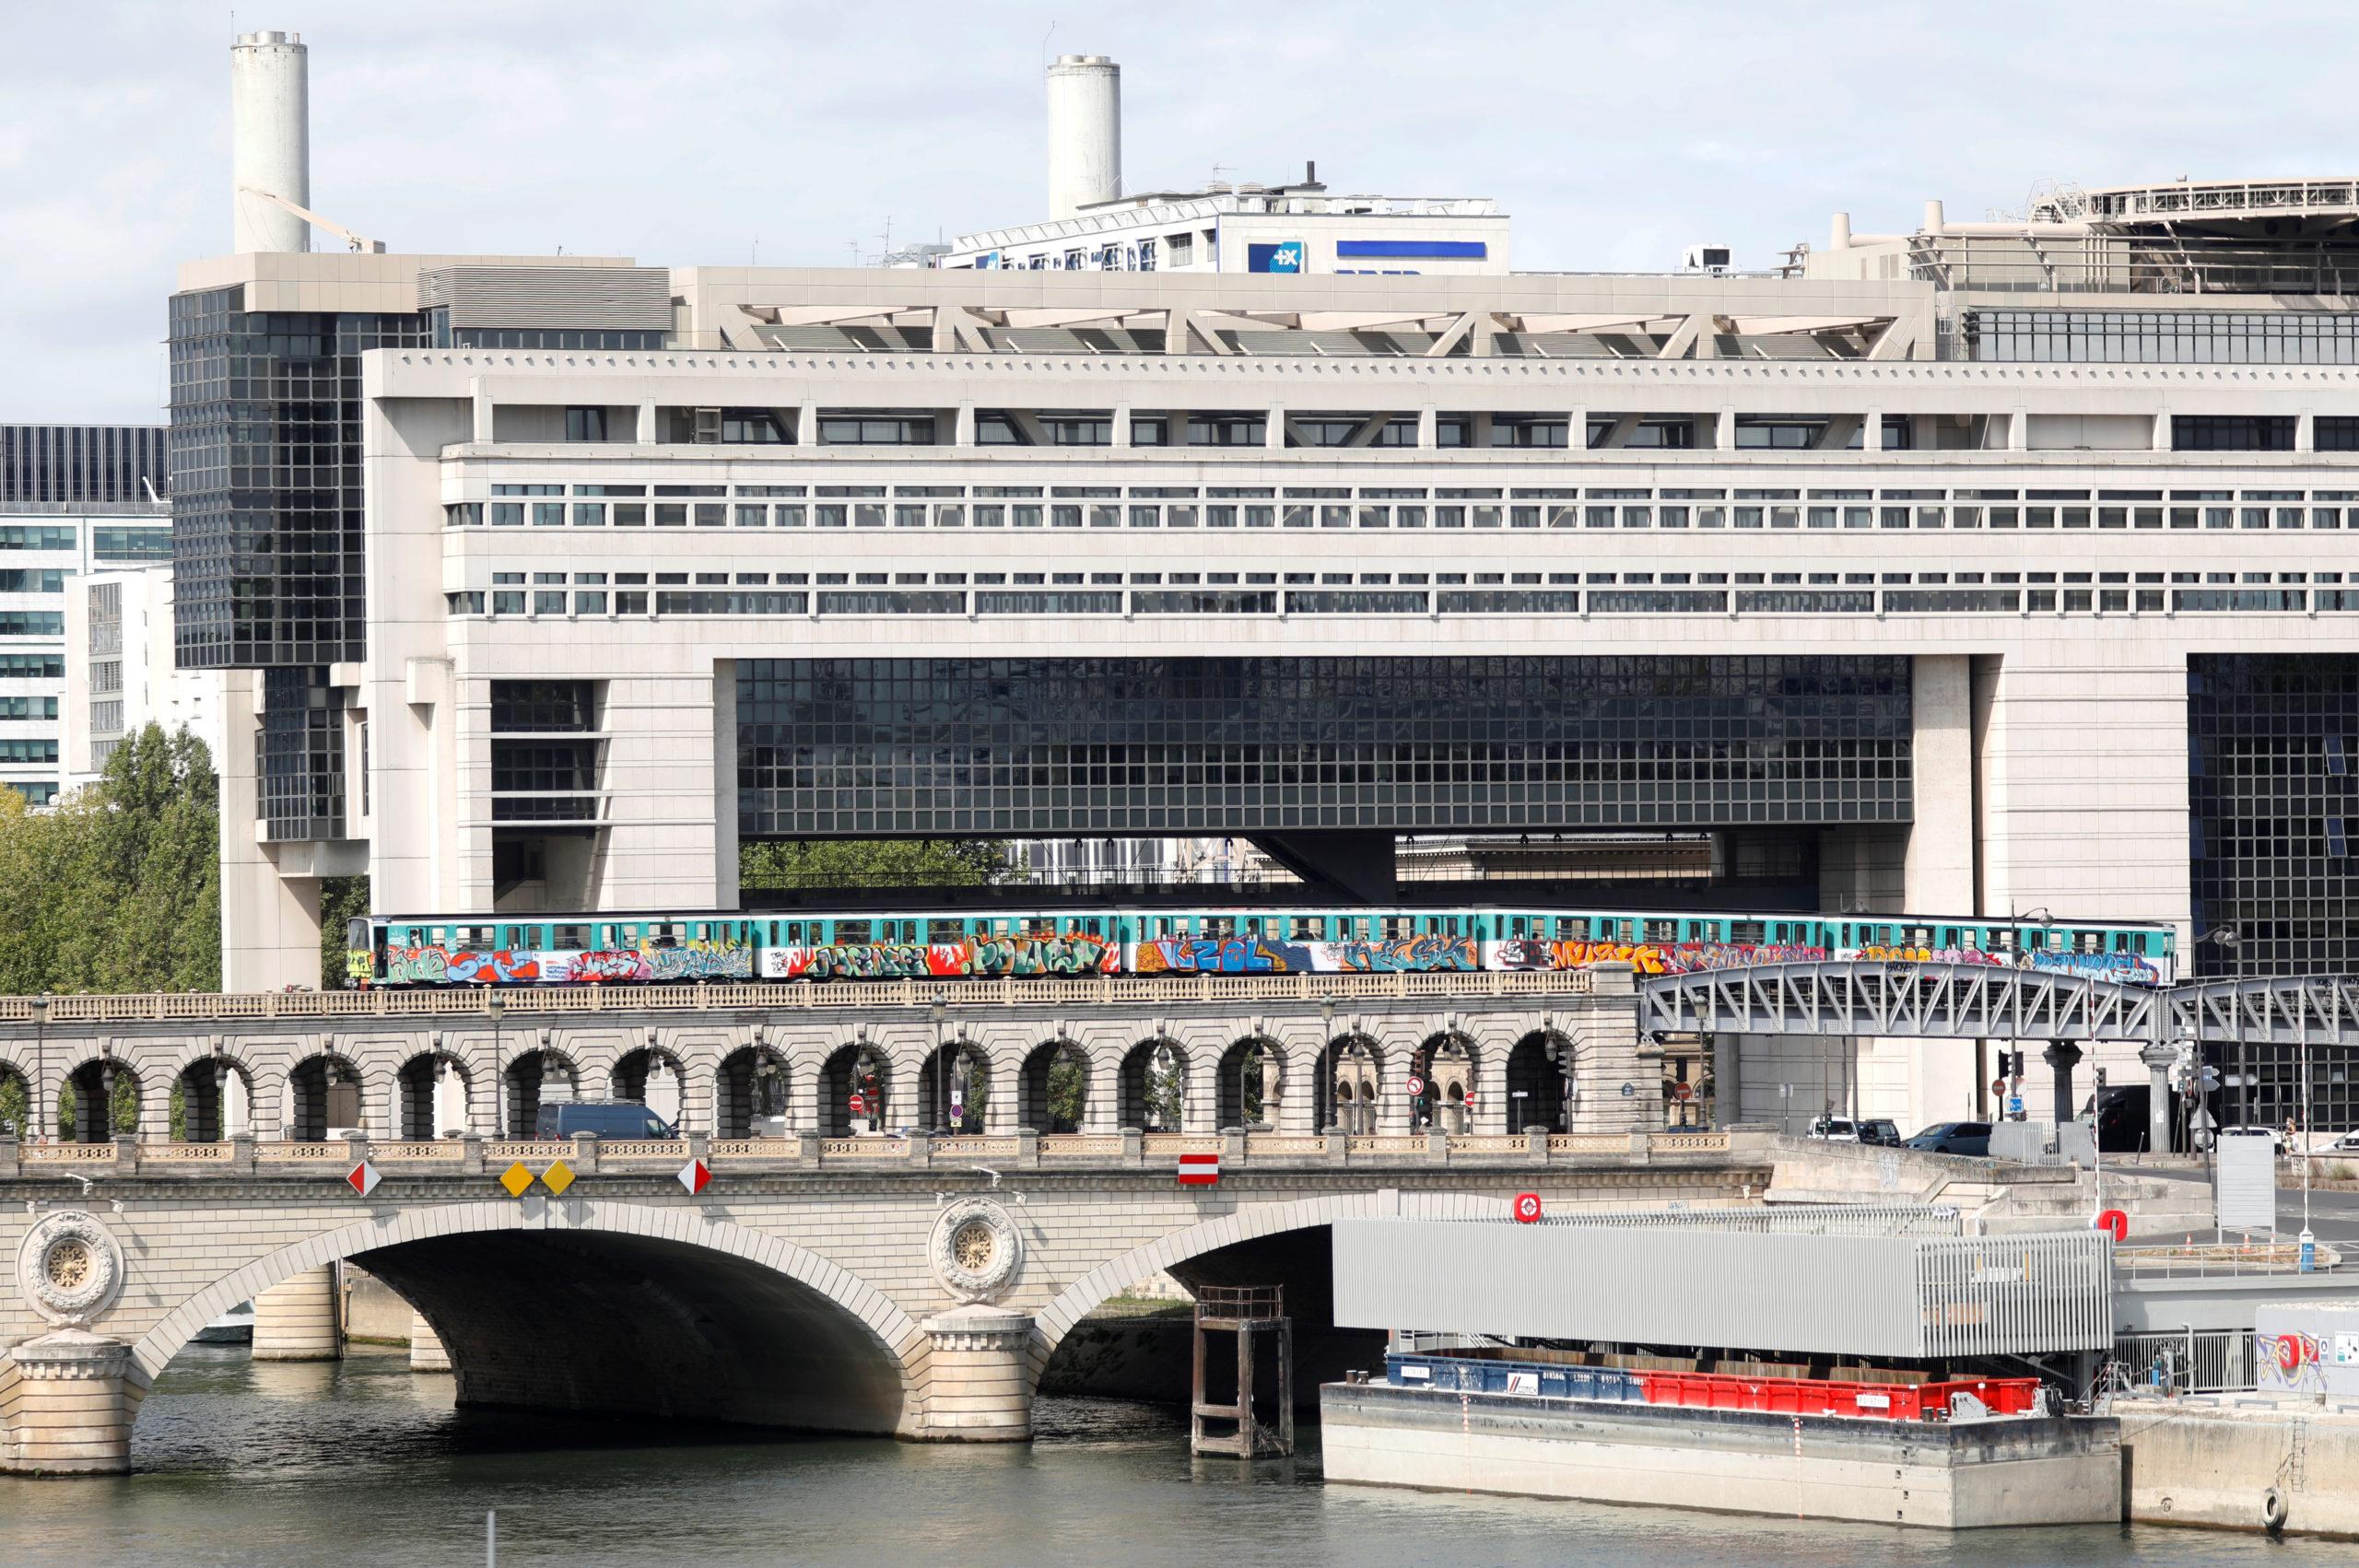 France: Le gouvernement veut supprimer pour 150 millions d'euros de petites taxes, selon Les Echos